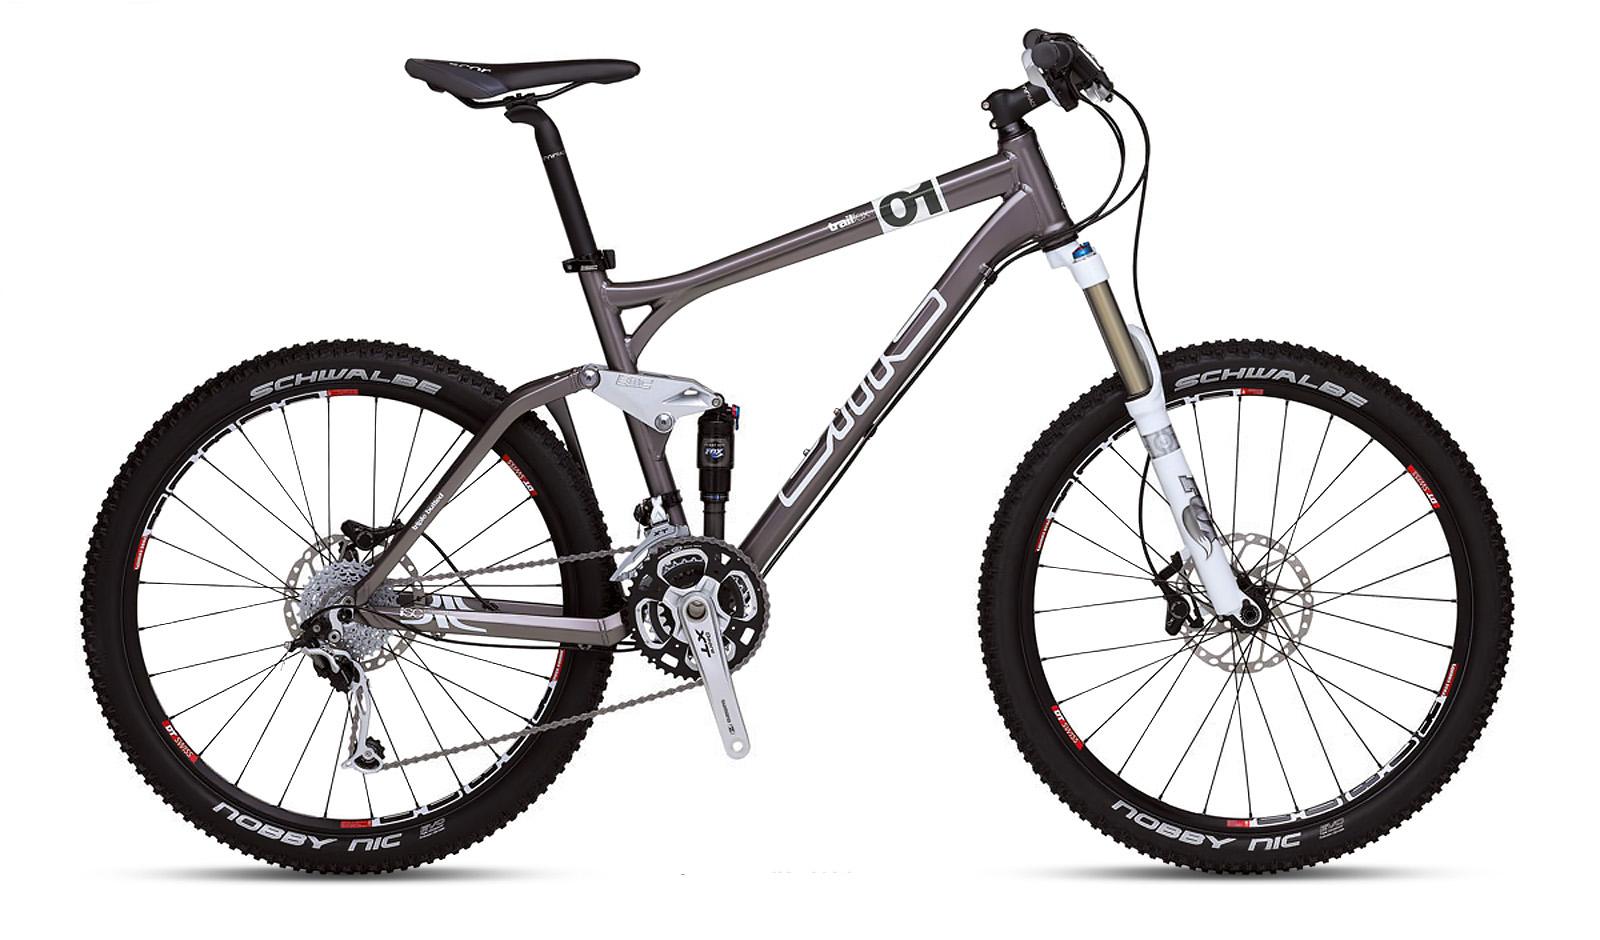 BMC TrailFox 01 mountain bike